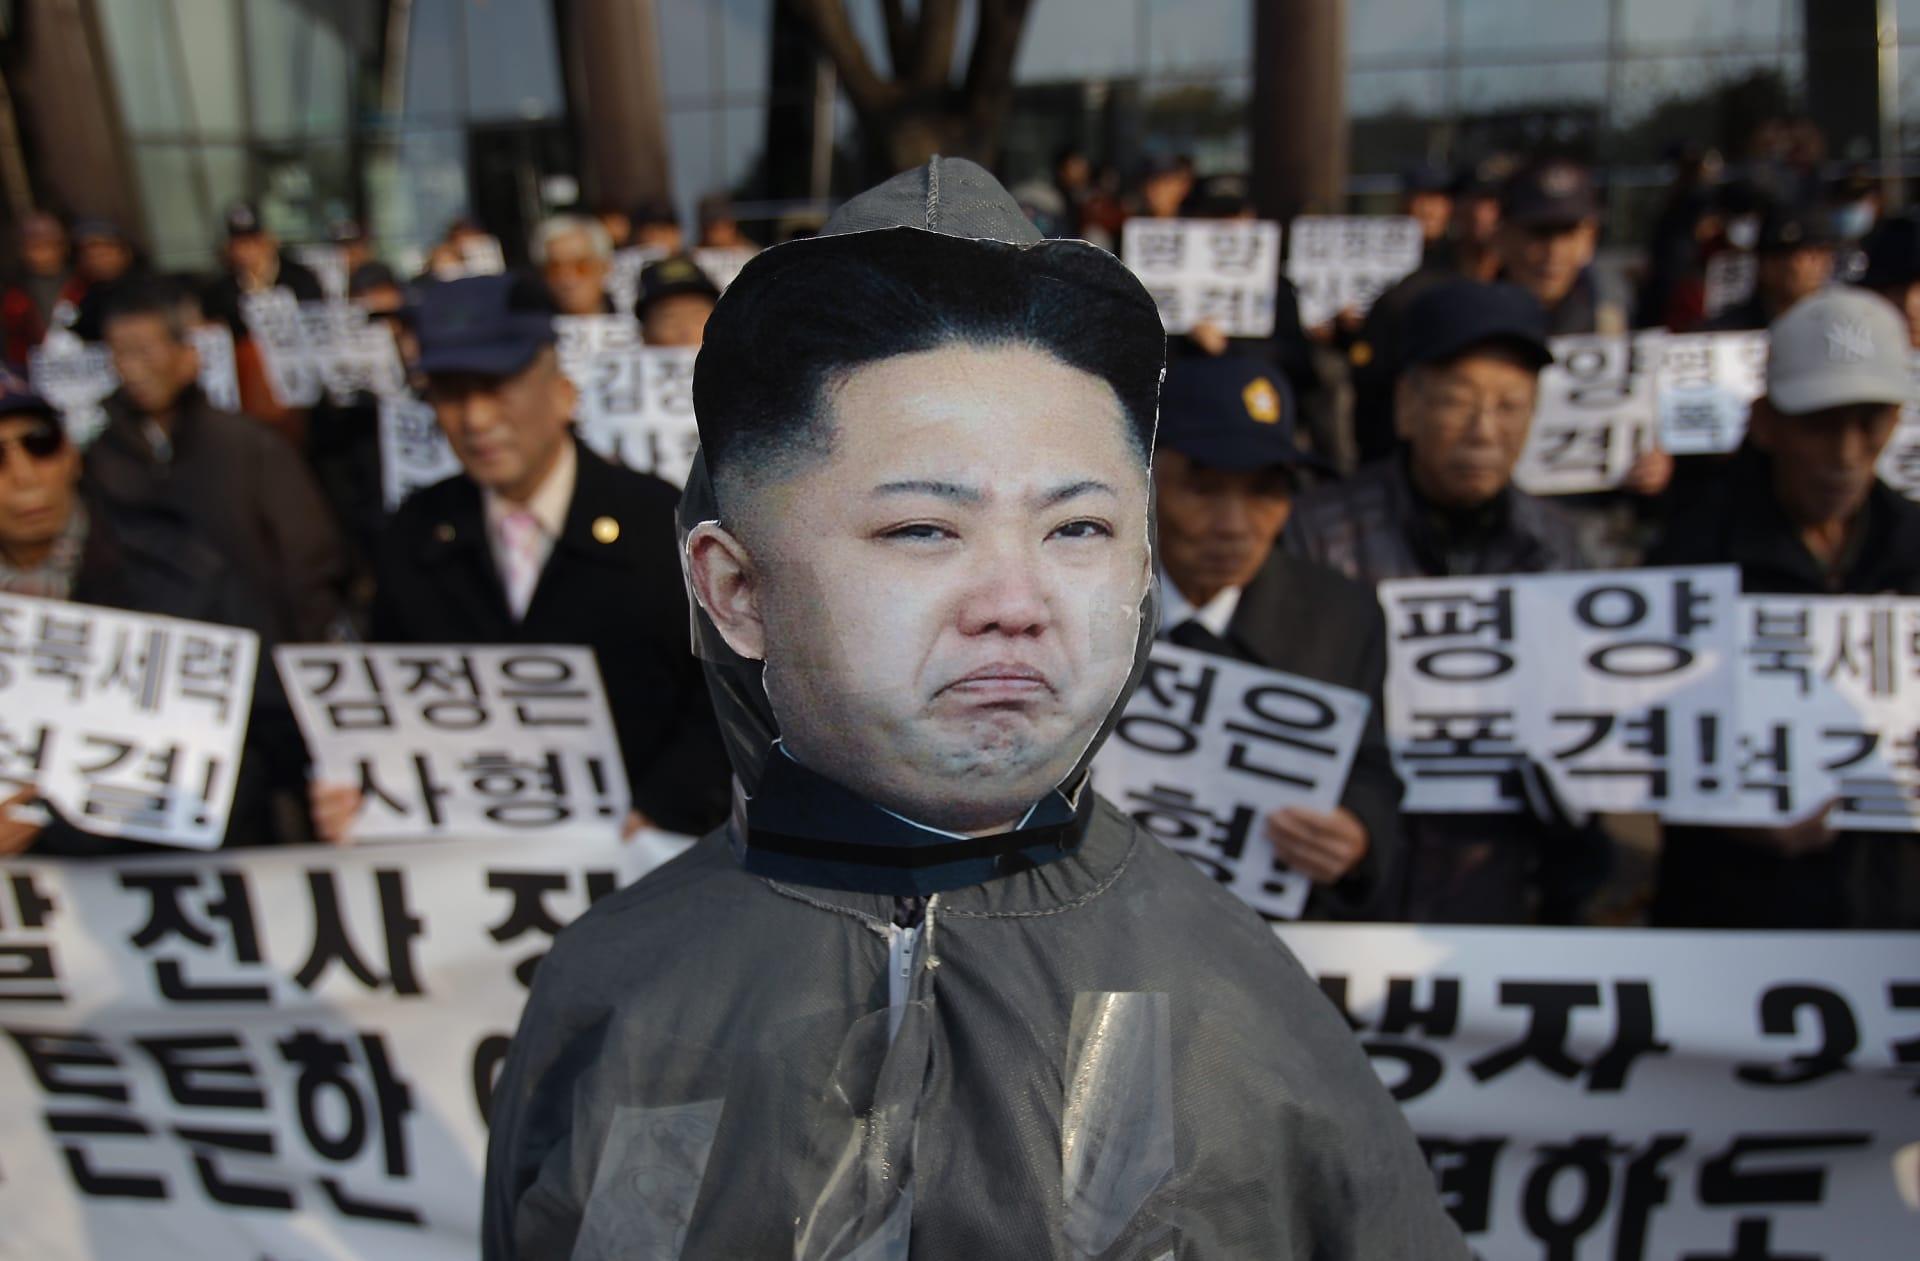 مجلس الأمن يندد بصاروخ كوريا الشمالية الباليستي وكيري قلق على أمن أمريكا